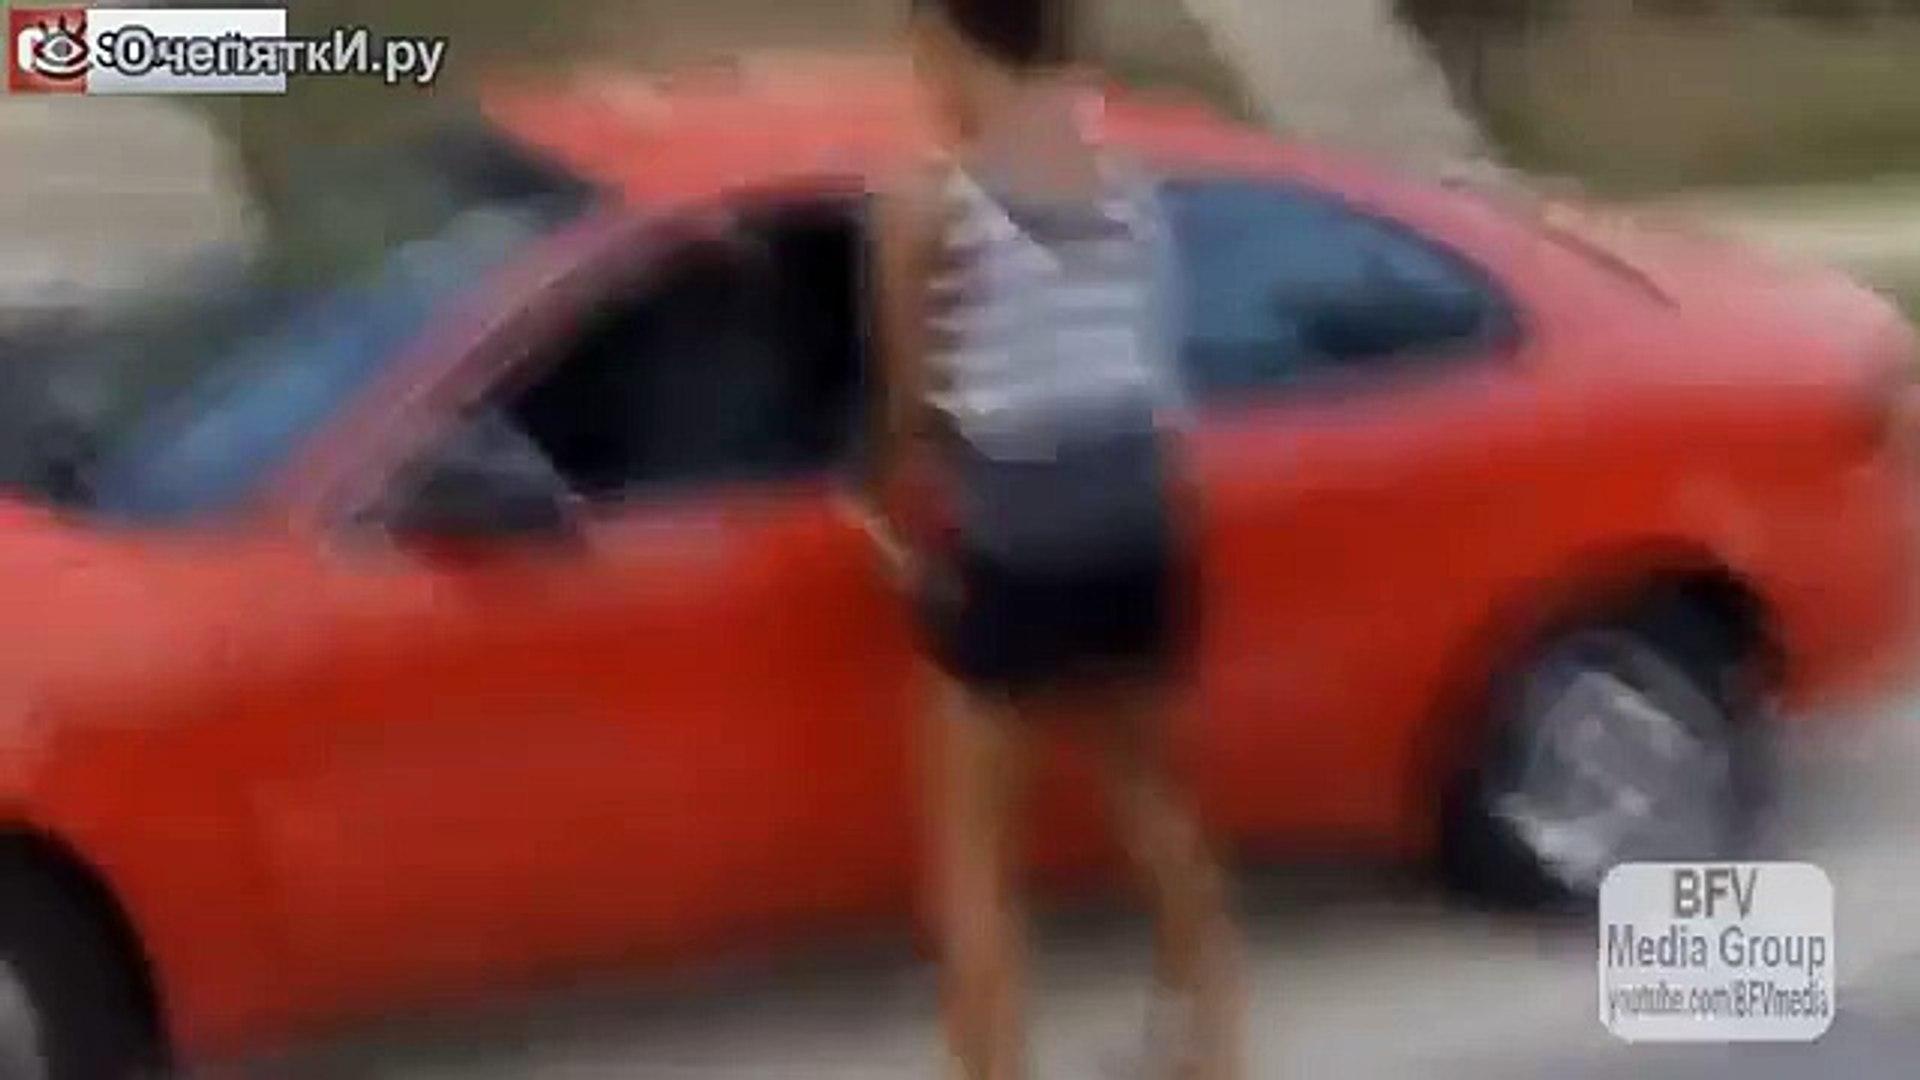 Приколы с девушками в ванной|Приколы с девушками на машине - [Выпуск 20]